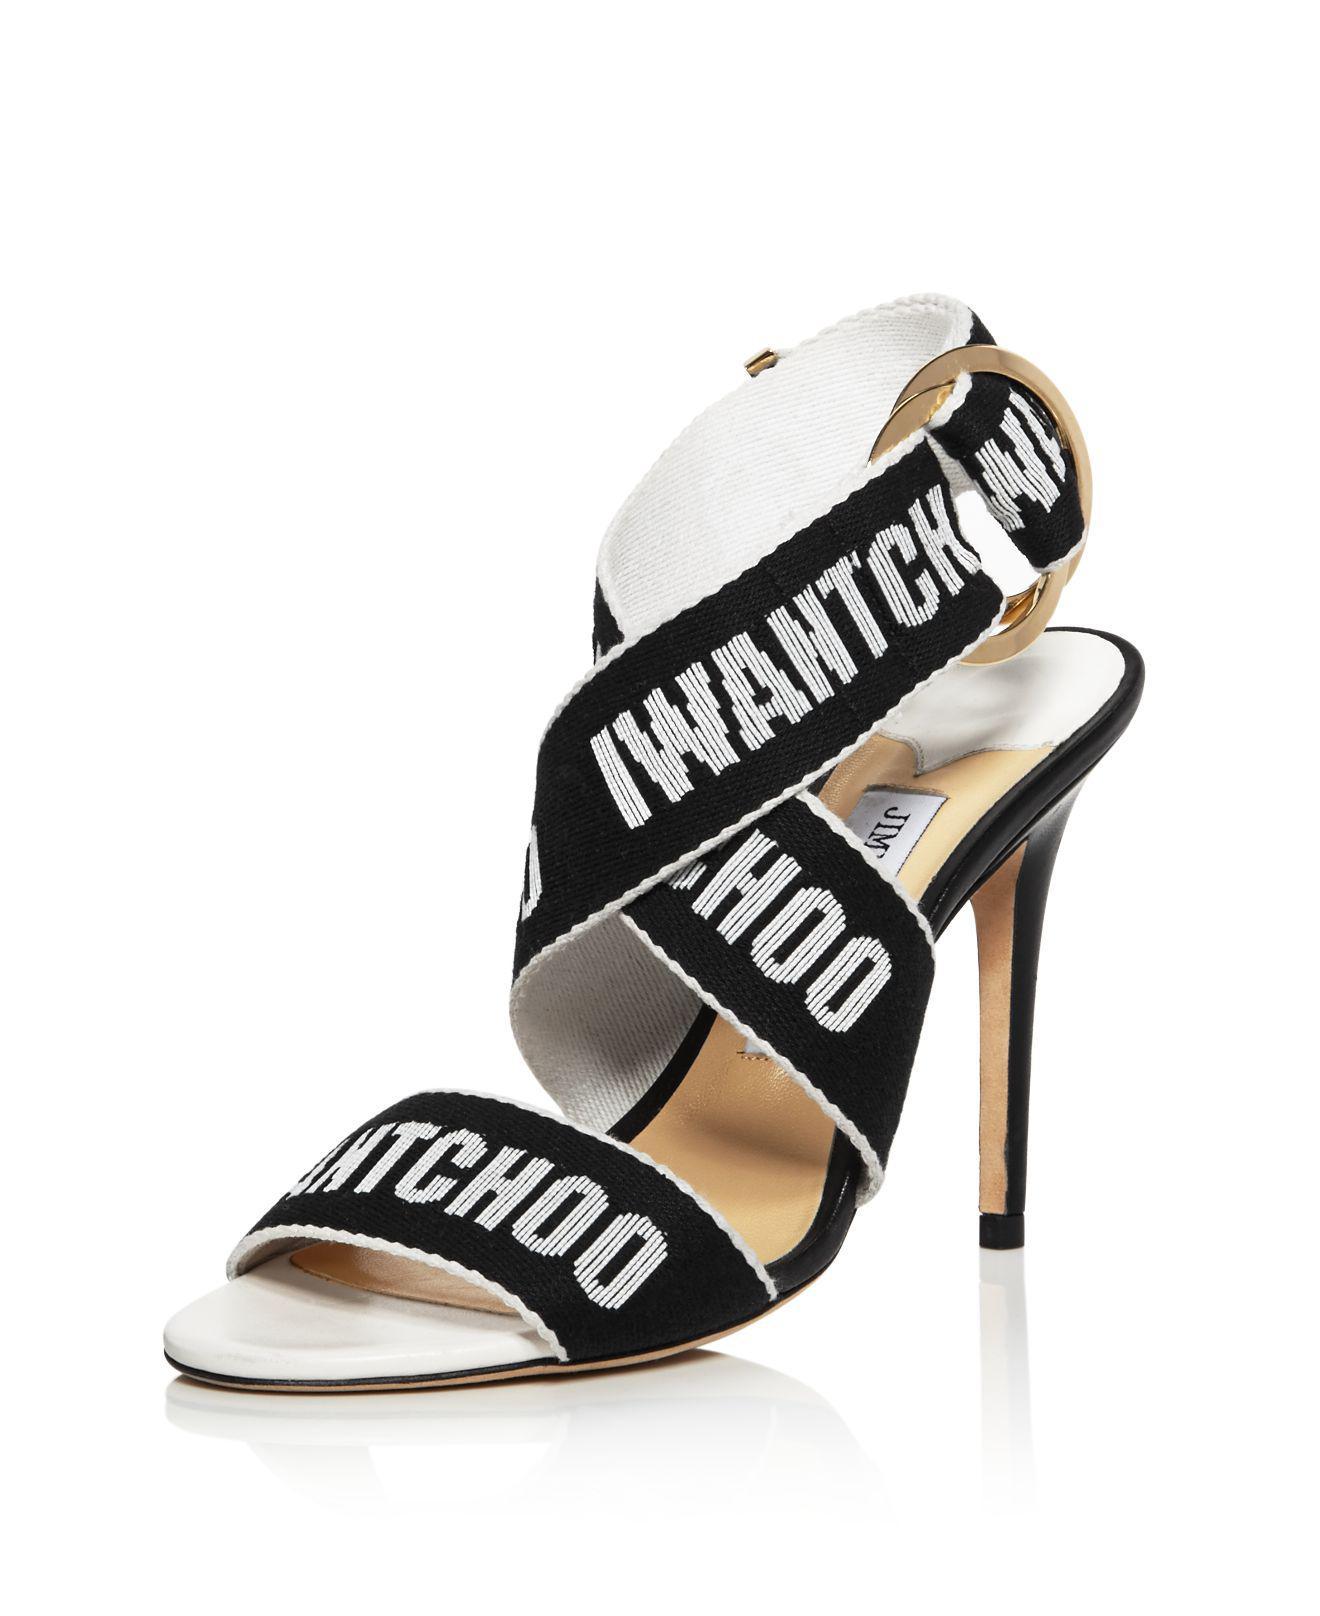 Jimmy choo Leather Bailey 100 Heels in . d34CxadAA